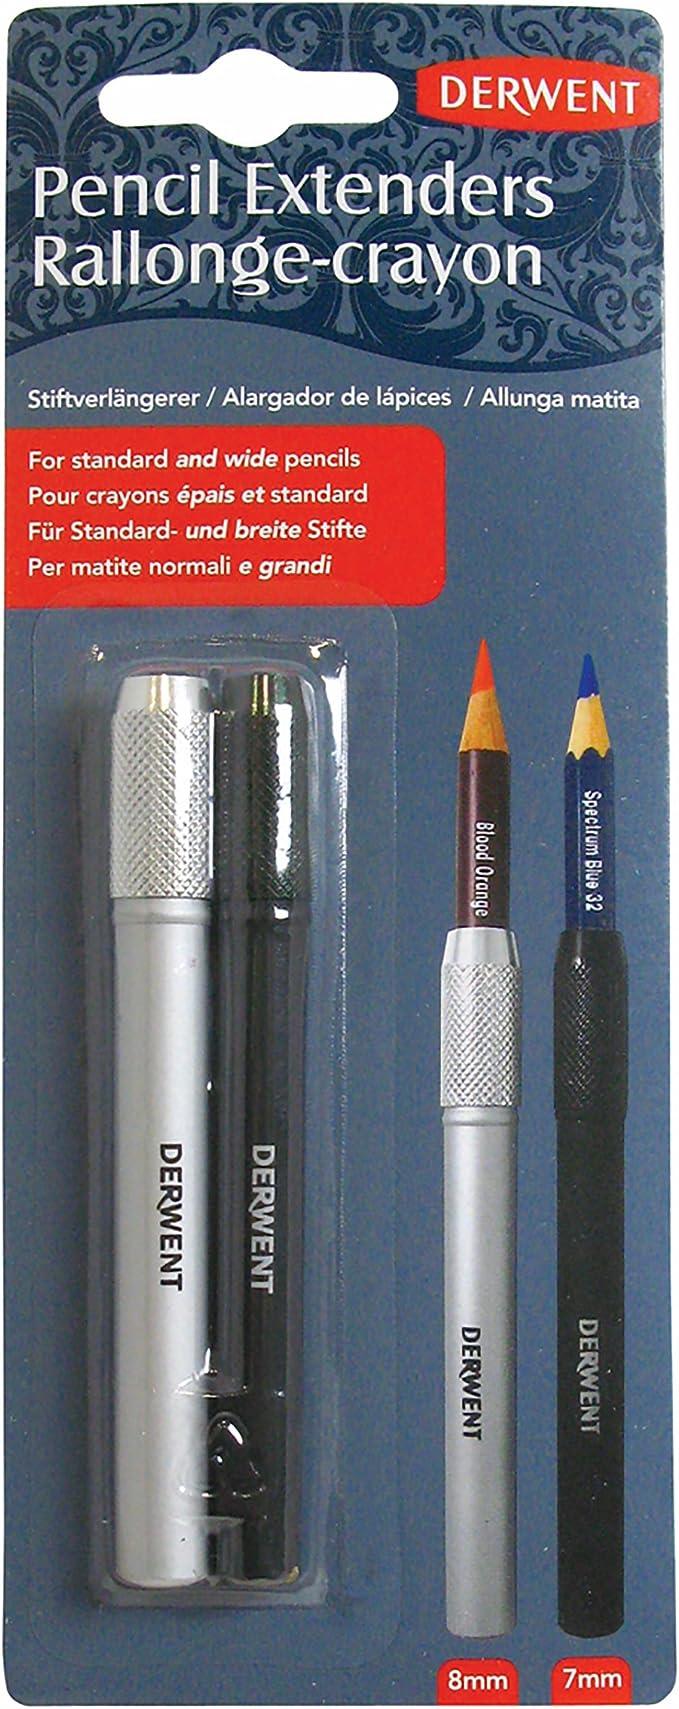 Derwent - Pack de 2 alargadores de lápices, color blanco y negro: Amazon.es: Oficina y papelería